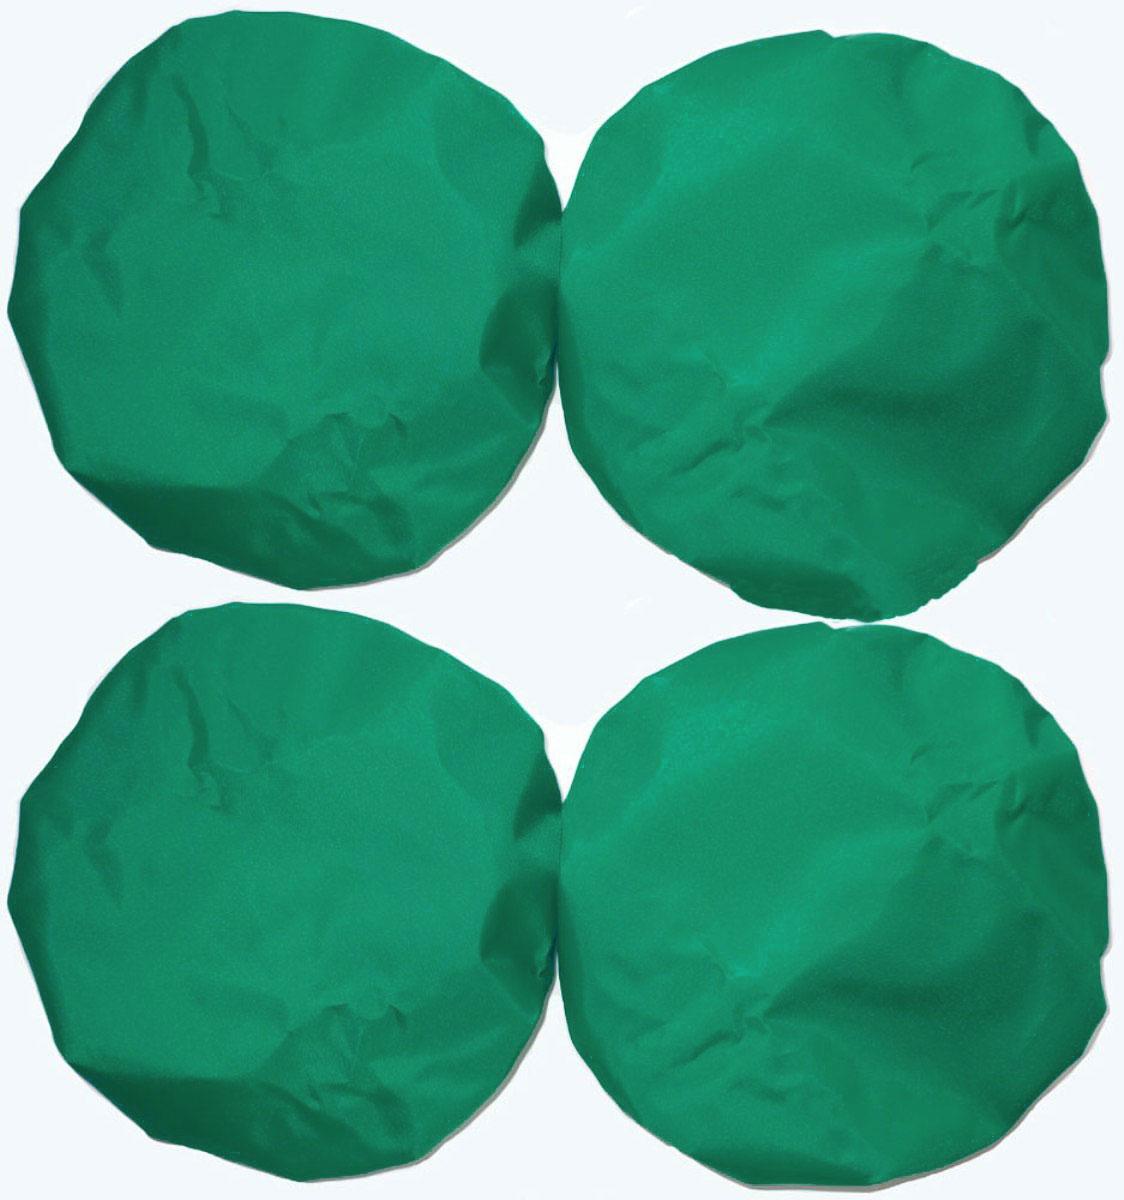 Чудо-Чадо Чехлы на колеса для коляски диаметр 28-38 см цвет зеленый 4 шт чехлы для рапир москва